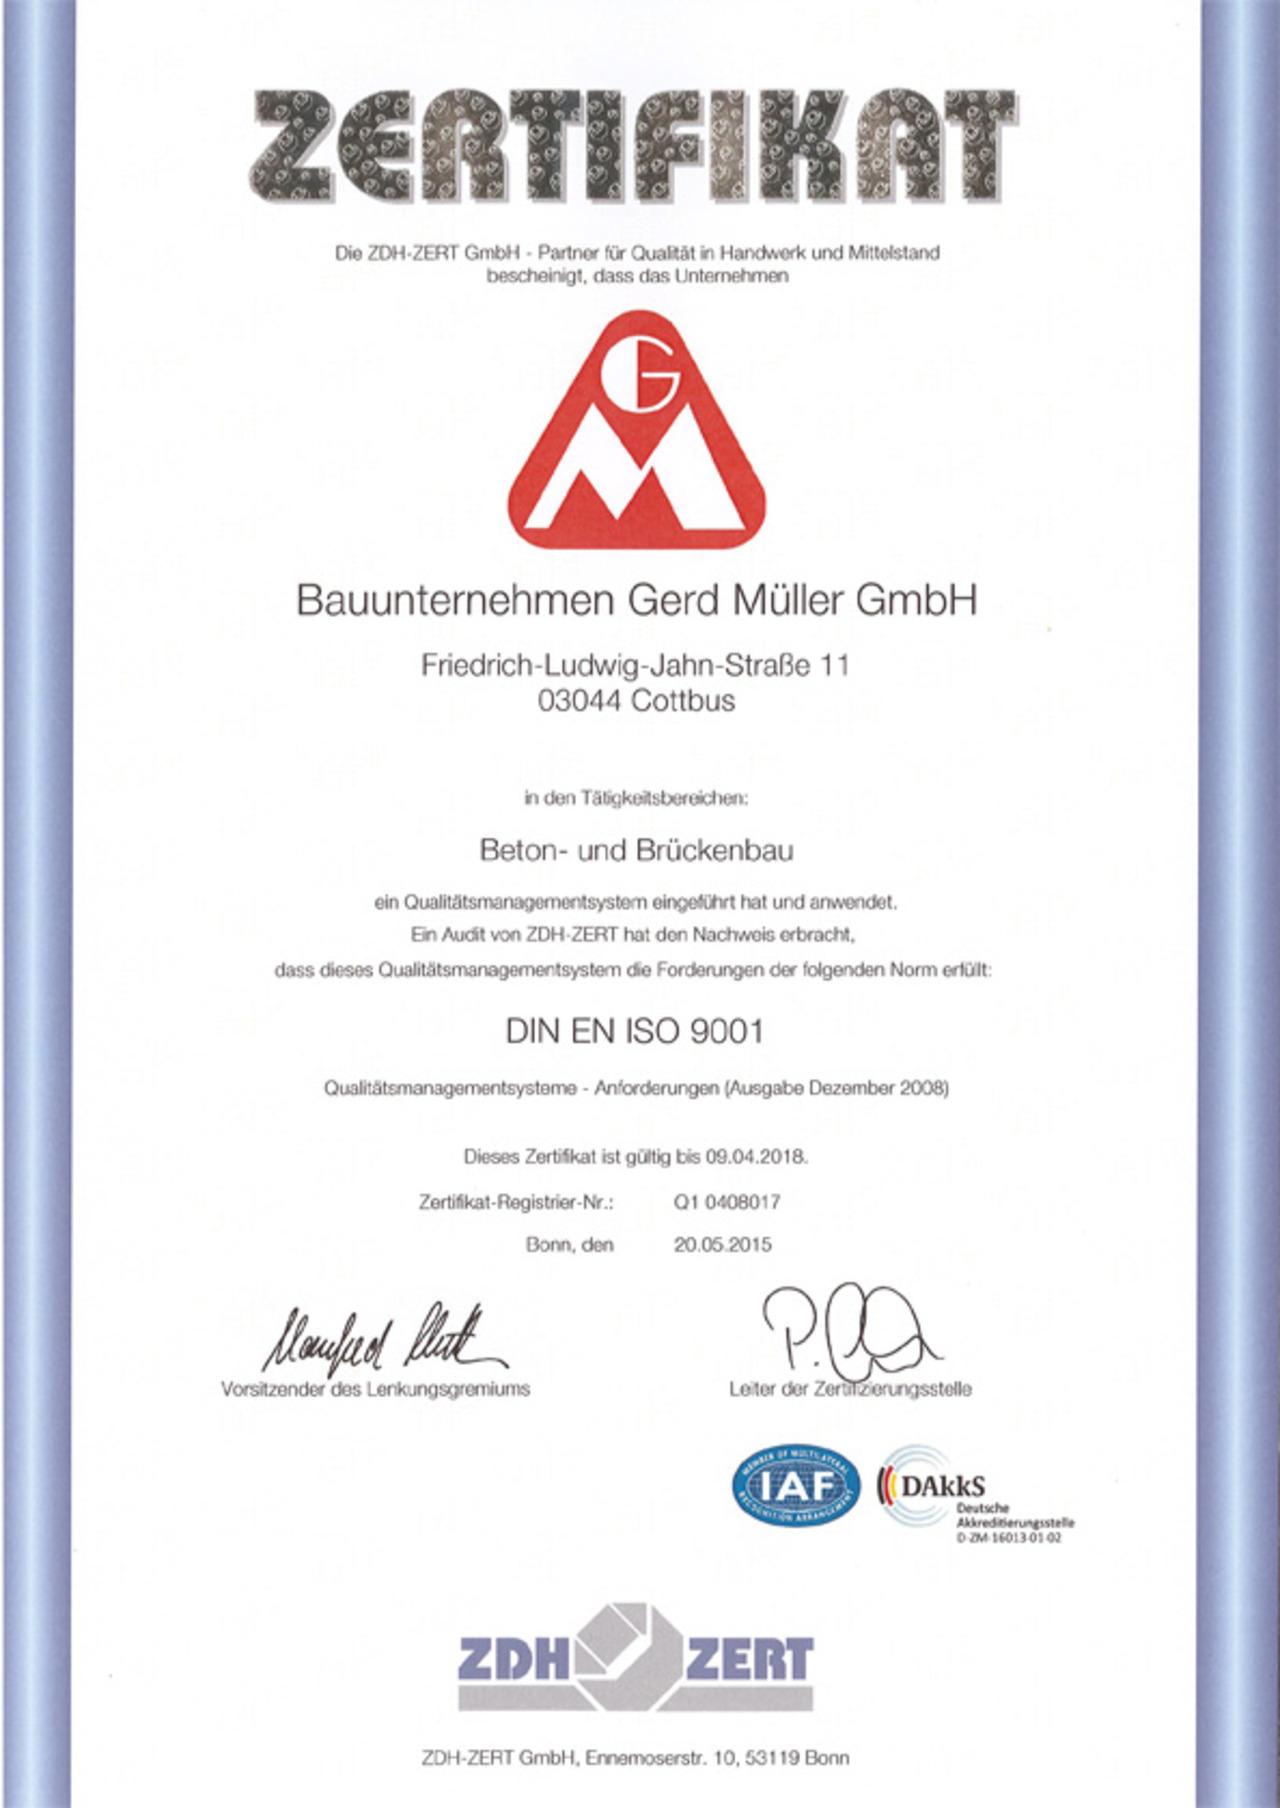 Bauunternehmen Bonn willkommen beim bauunternehmen gerd müller gmbh